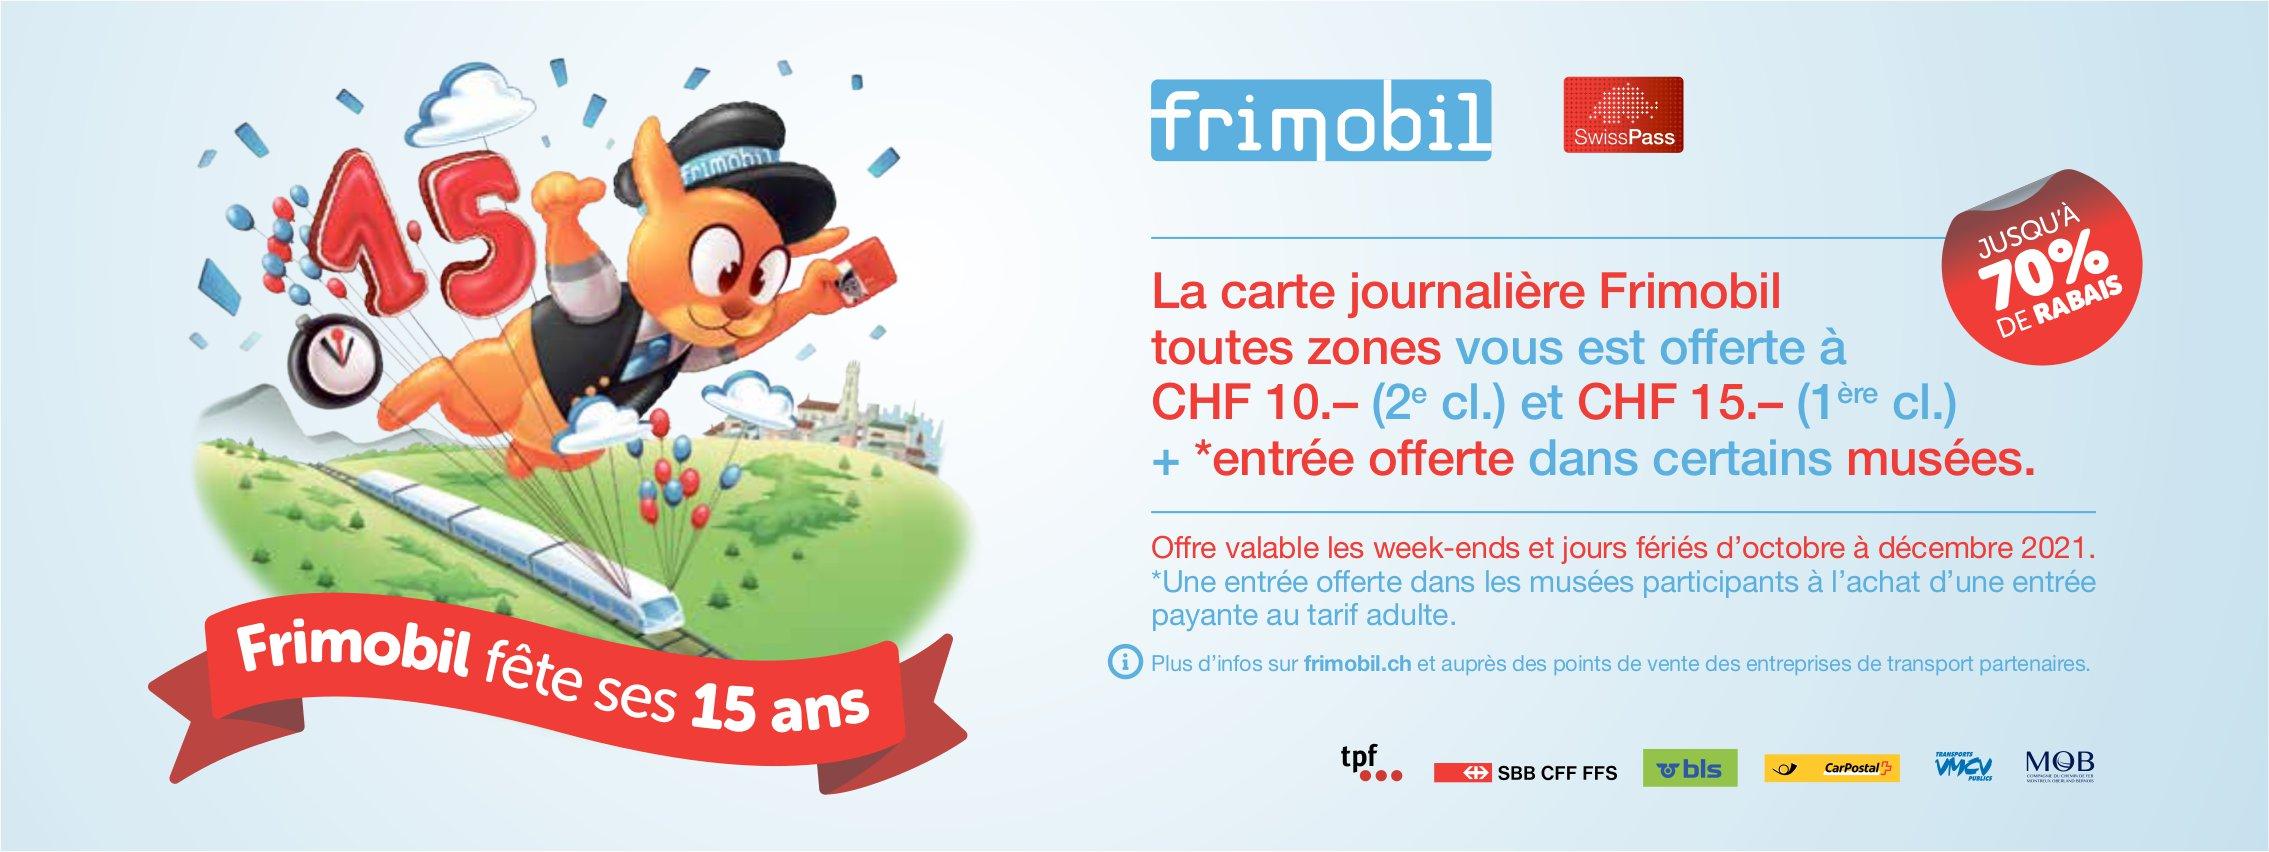 La carte journalière Frimobil toutes zones vous est offerte à CHF 10., Frimobil, recherché